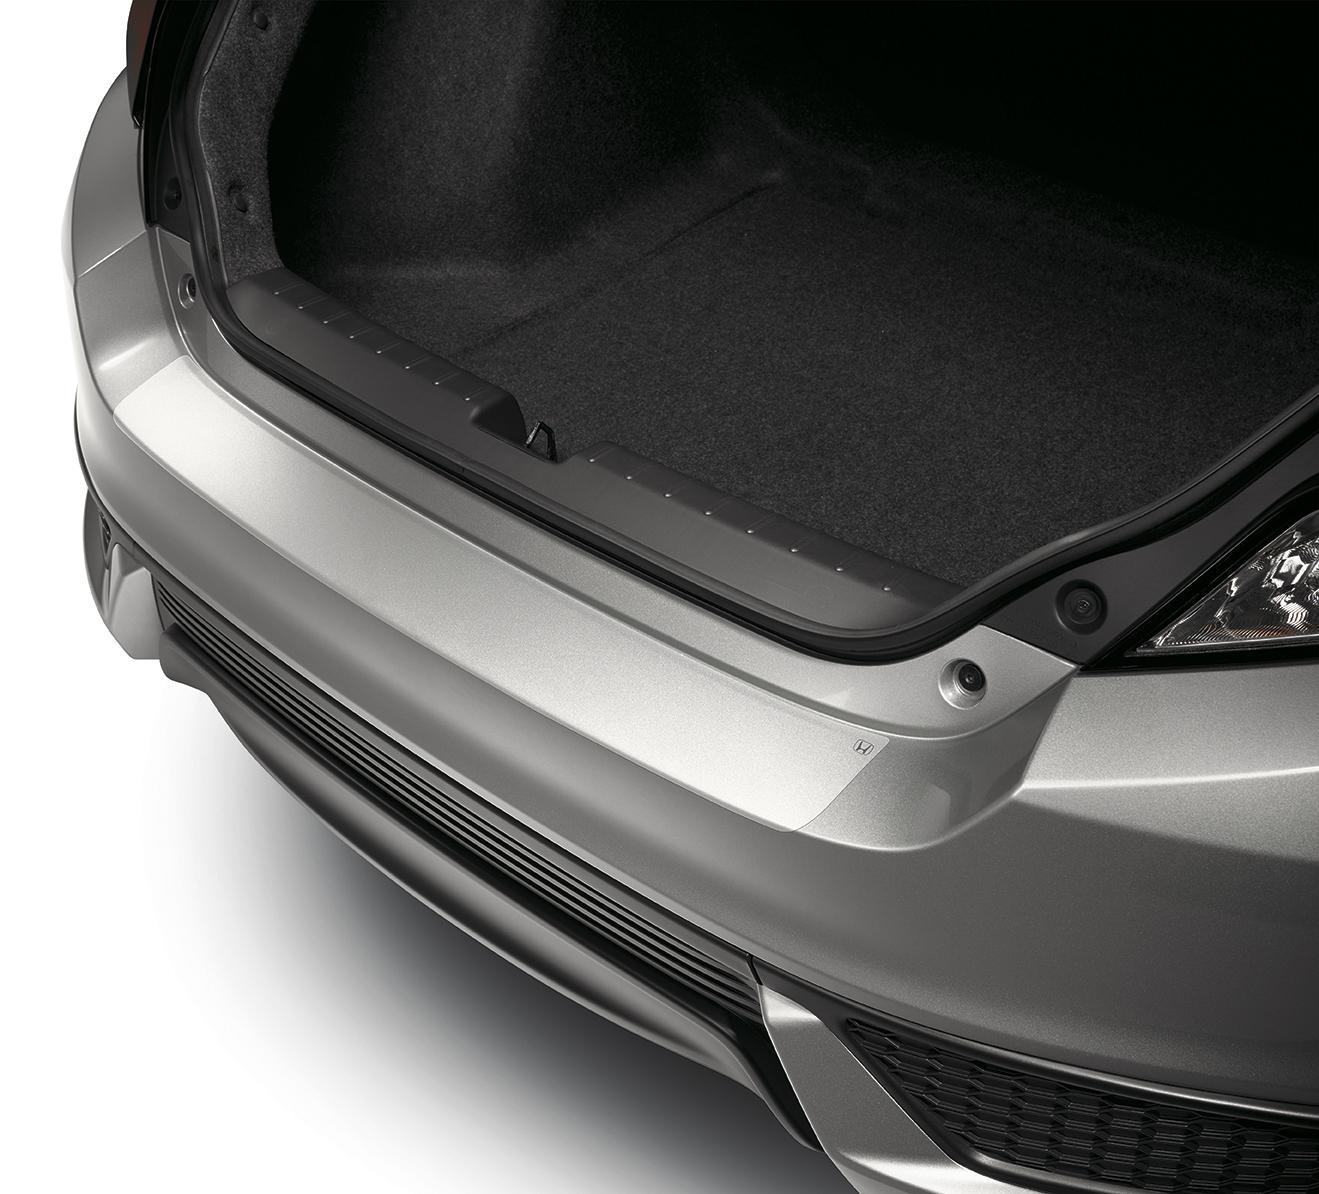 2016-2018 Honda Civic 2dr Bumper Applique - 08P48-TBG-100